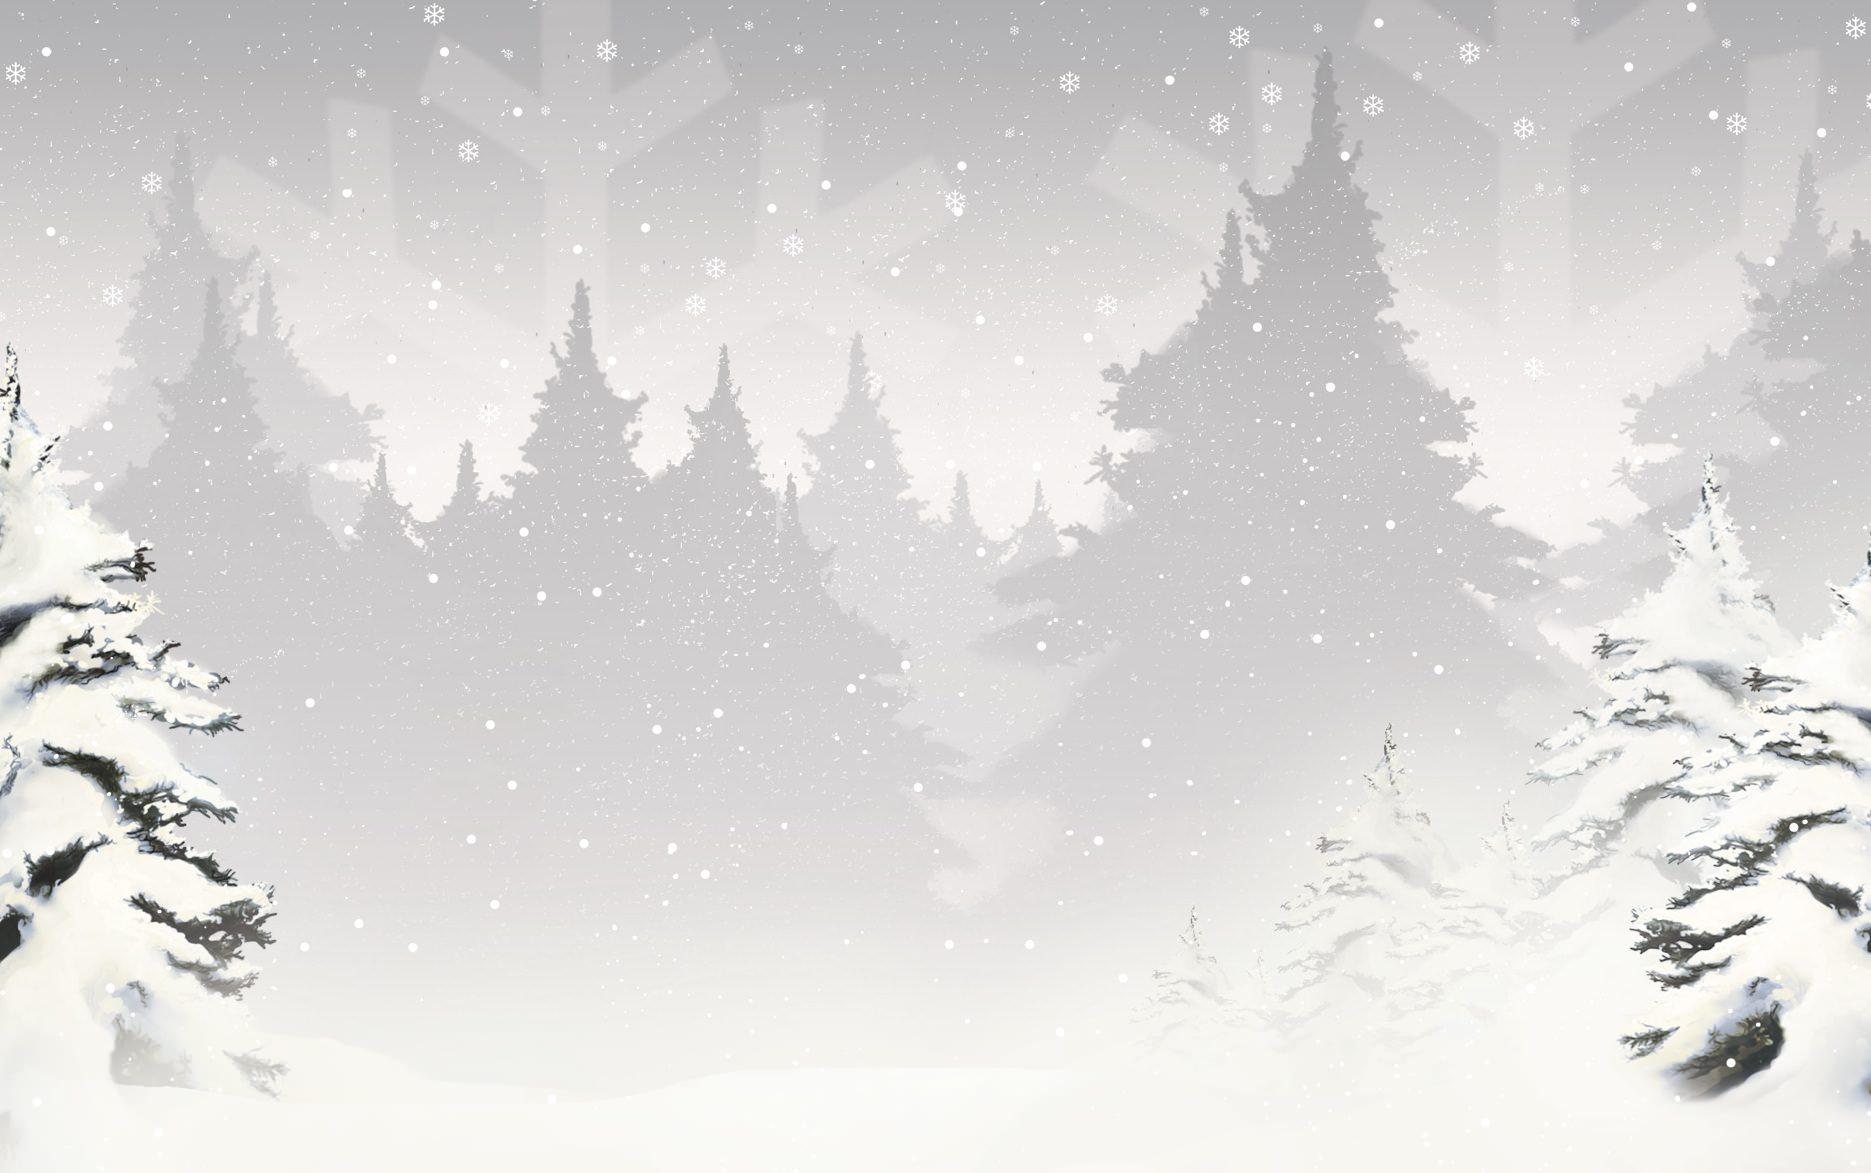 Hintergrund Weihnachten.Hintergrund Weihnachten Rawwr Org